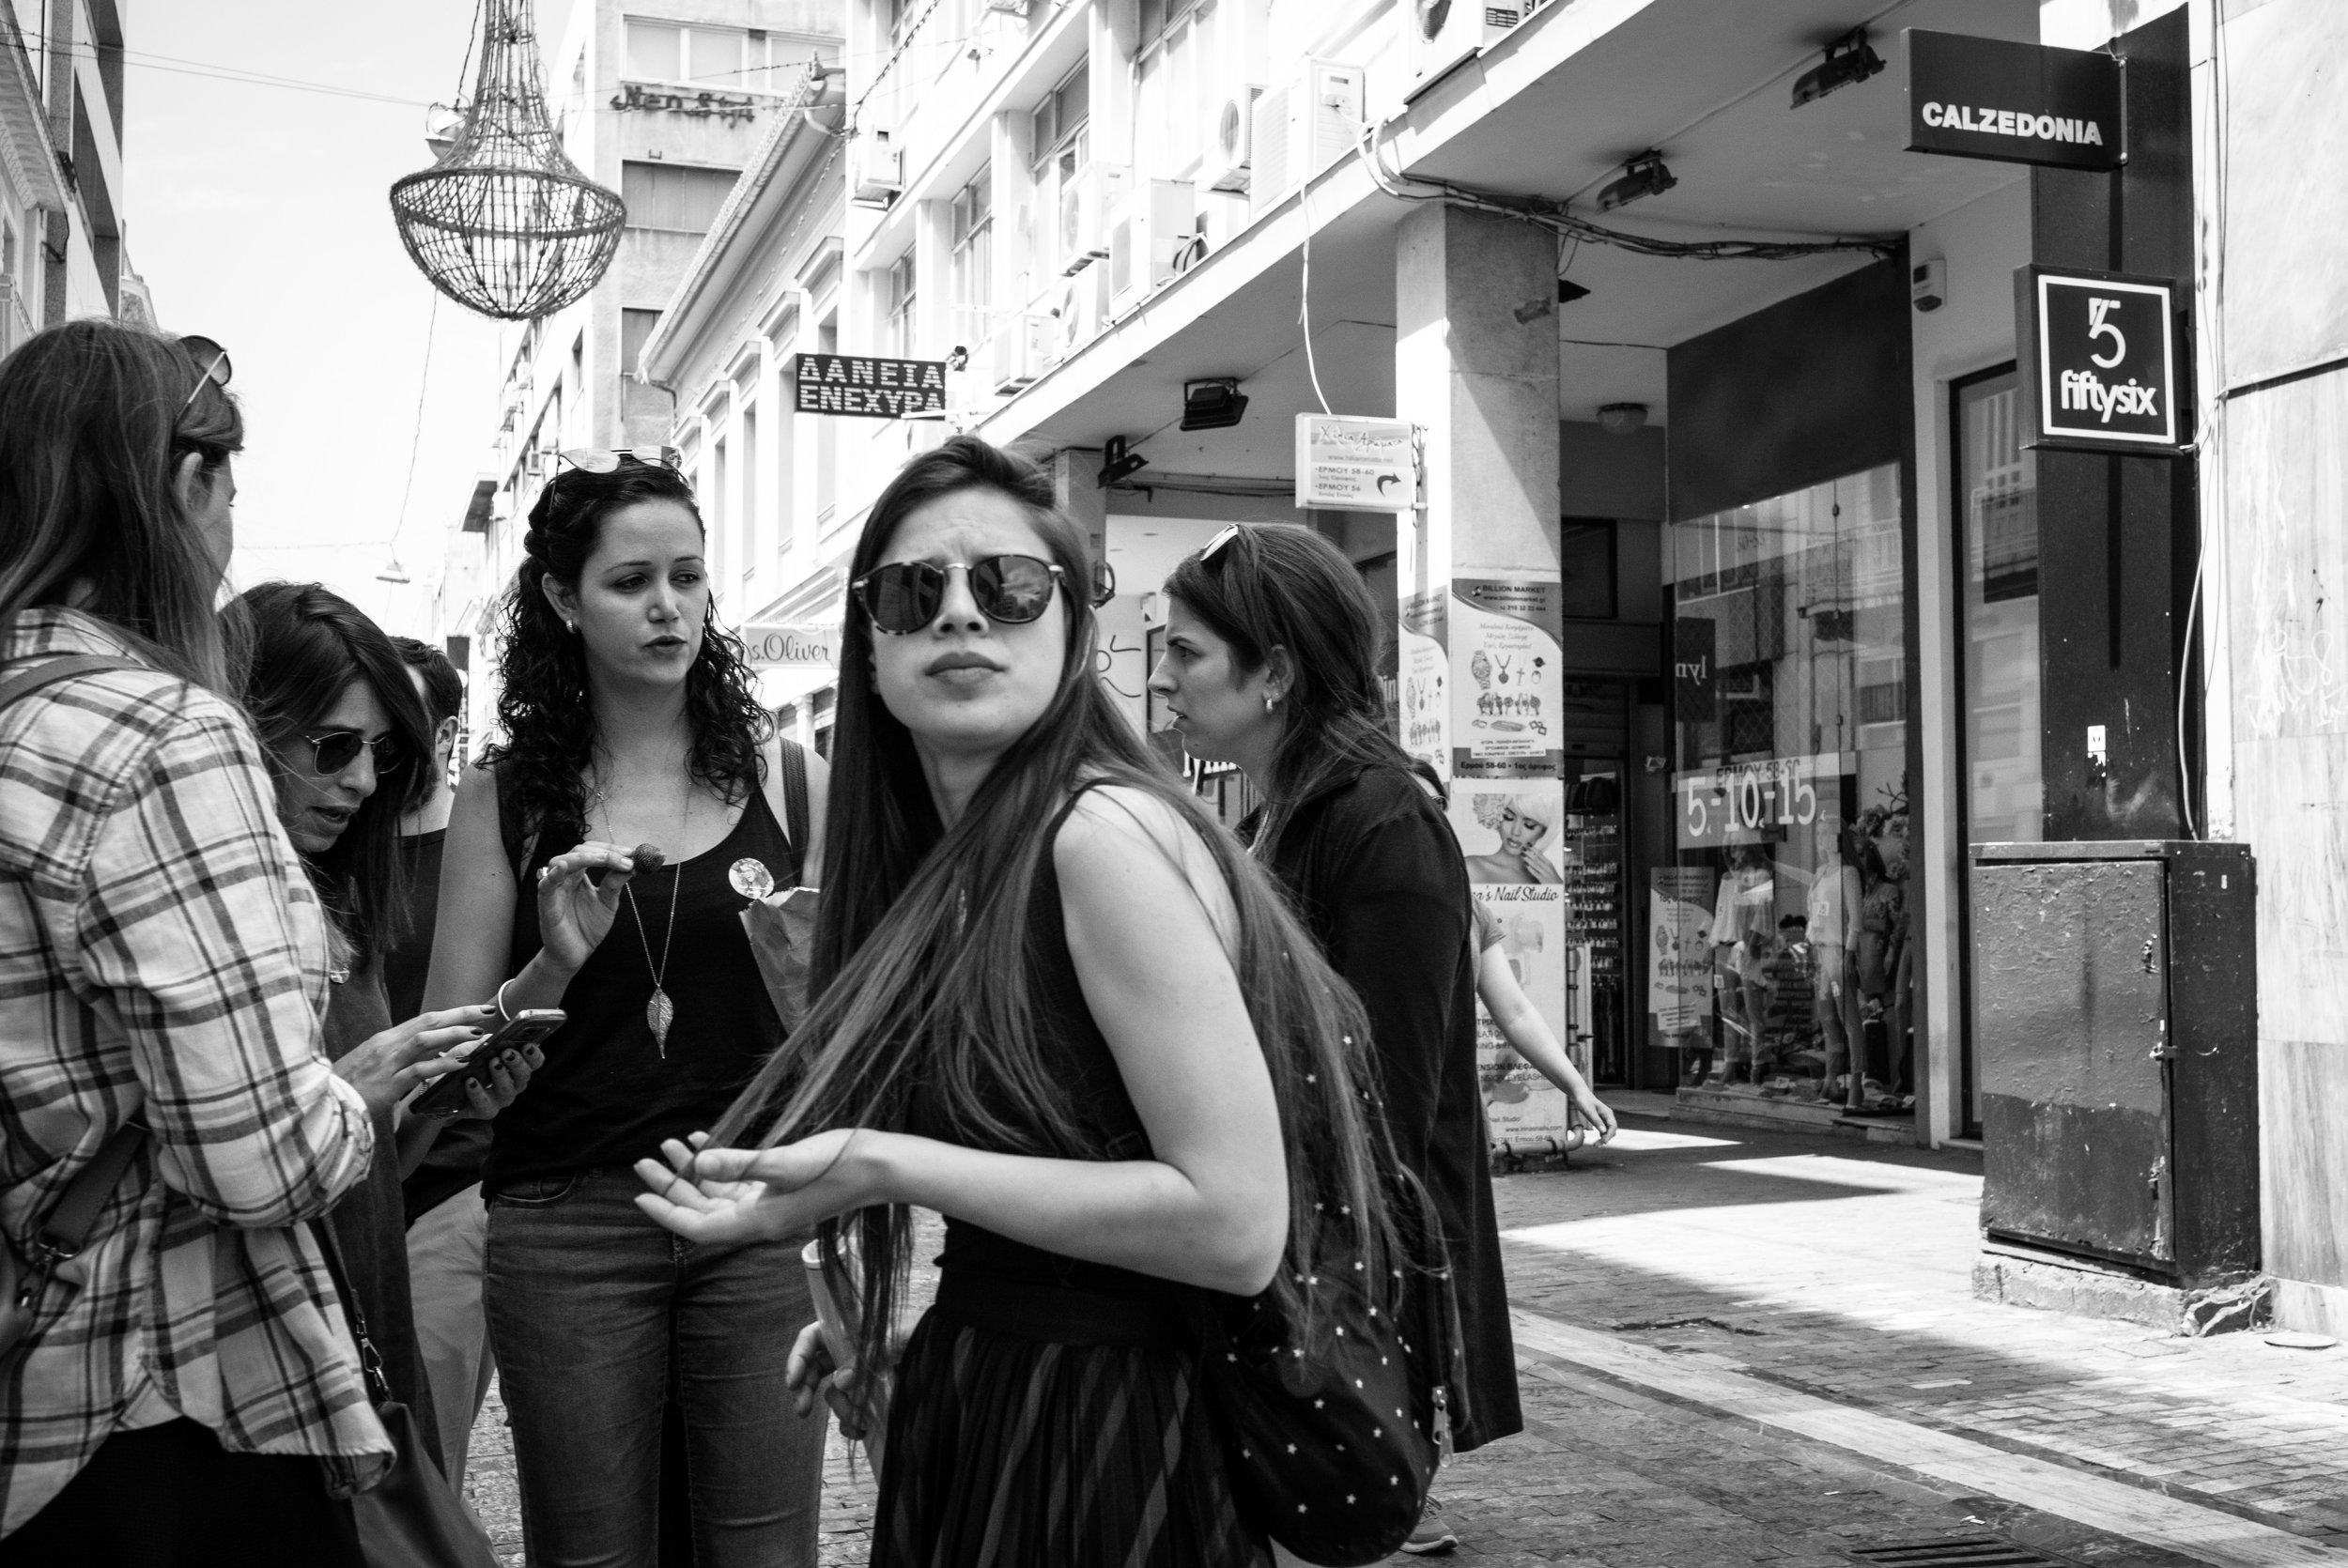 Ermou Street, Athens. Greece. 2018.